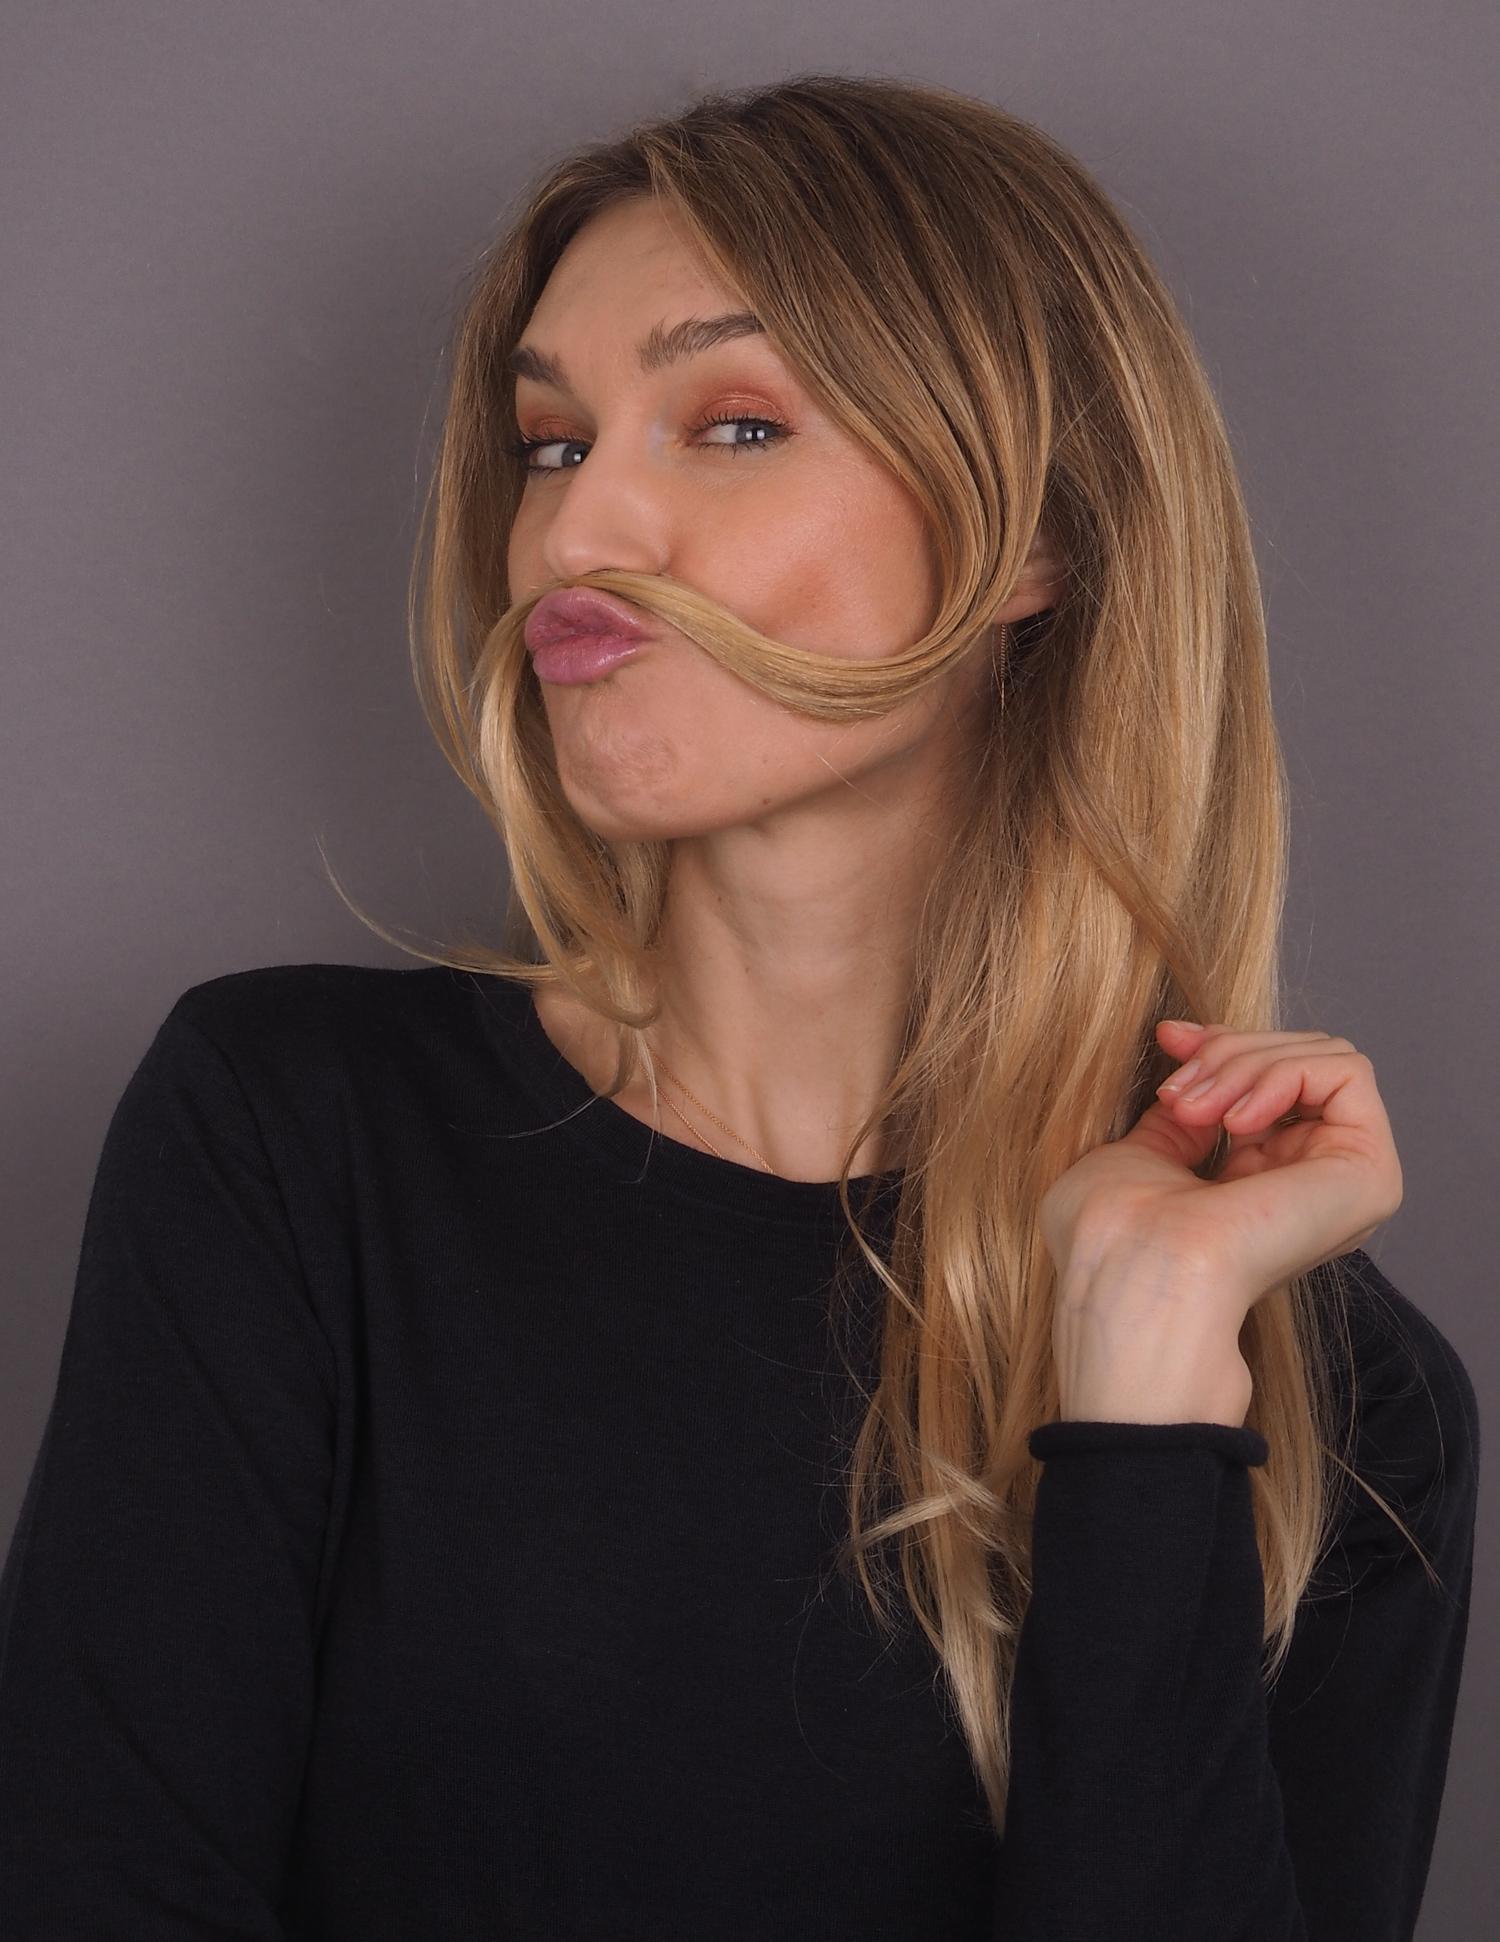 Beautyblog-Beauty-Blog-bare-minds-Elina-Neumann-Aveda-Damage-Remedy-2